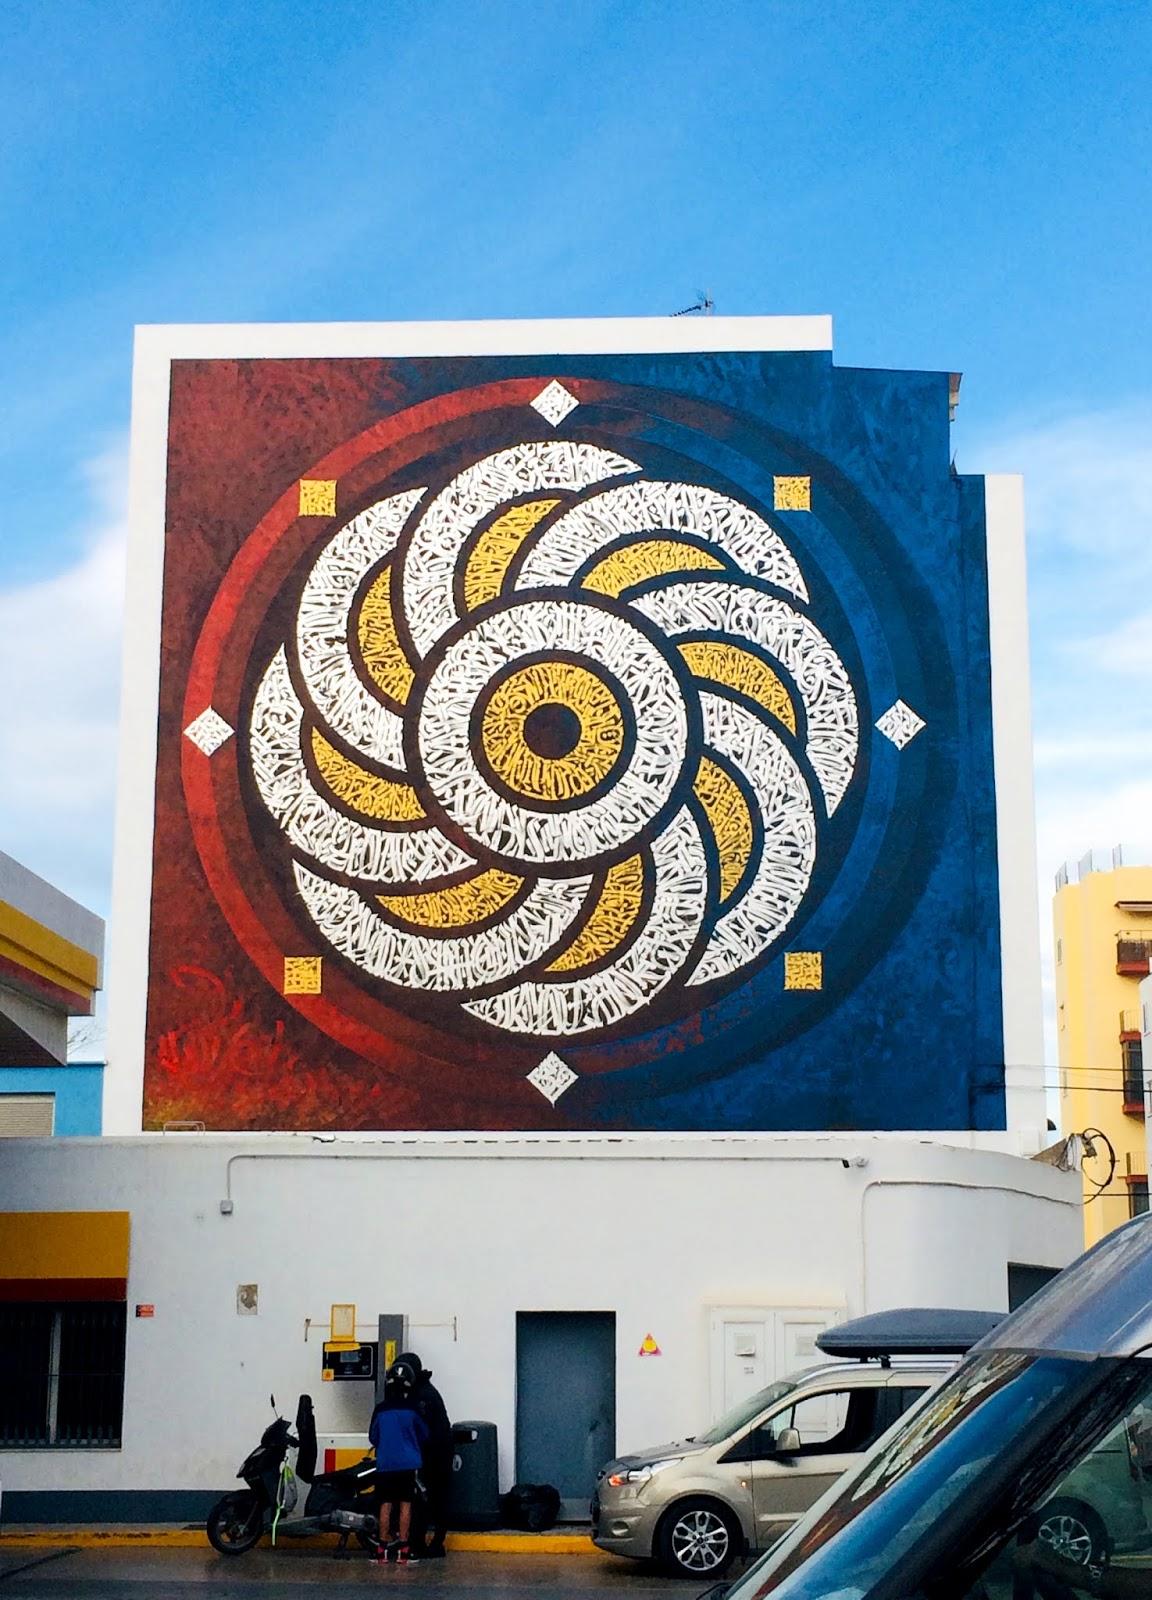 Intervenciñon mural en sitio específico del artista contemporáneo mexicano Said Dokins